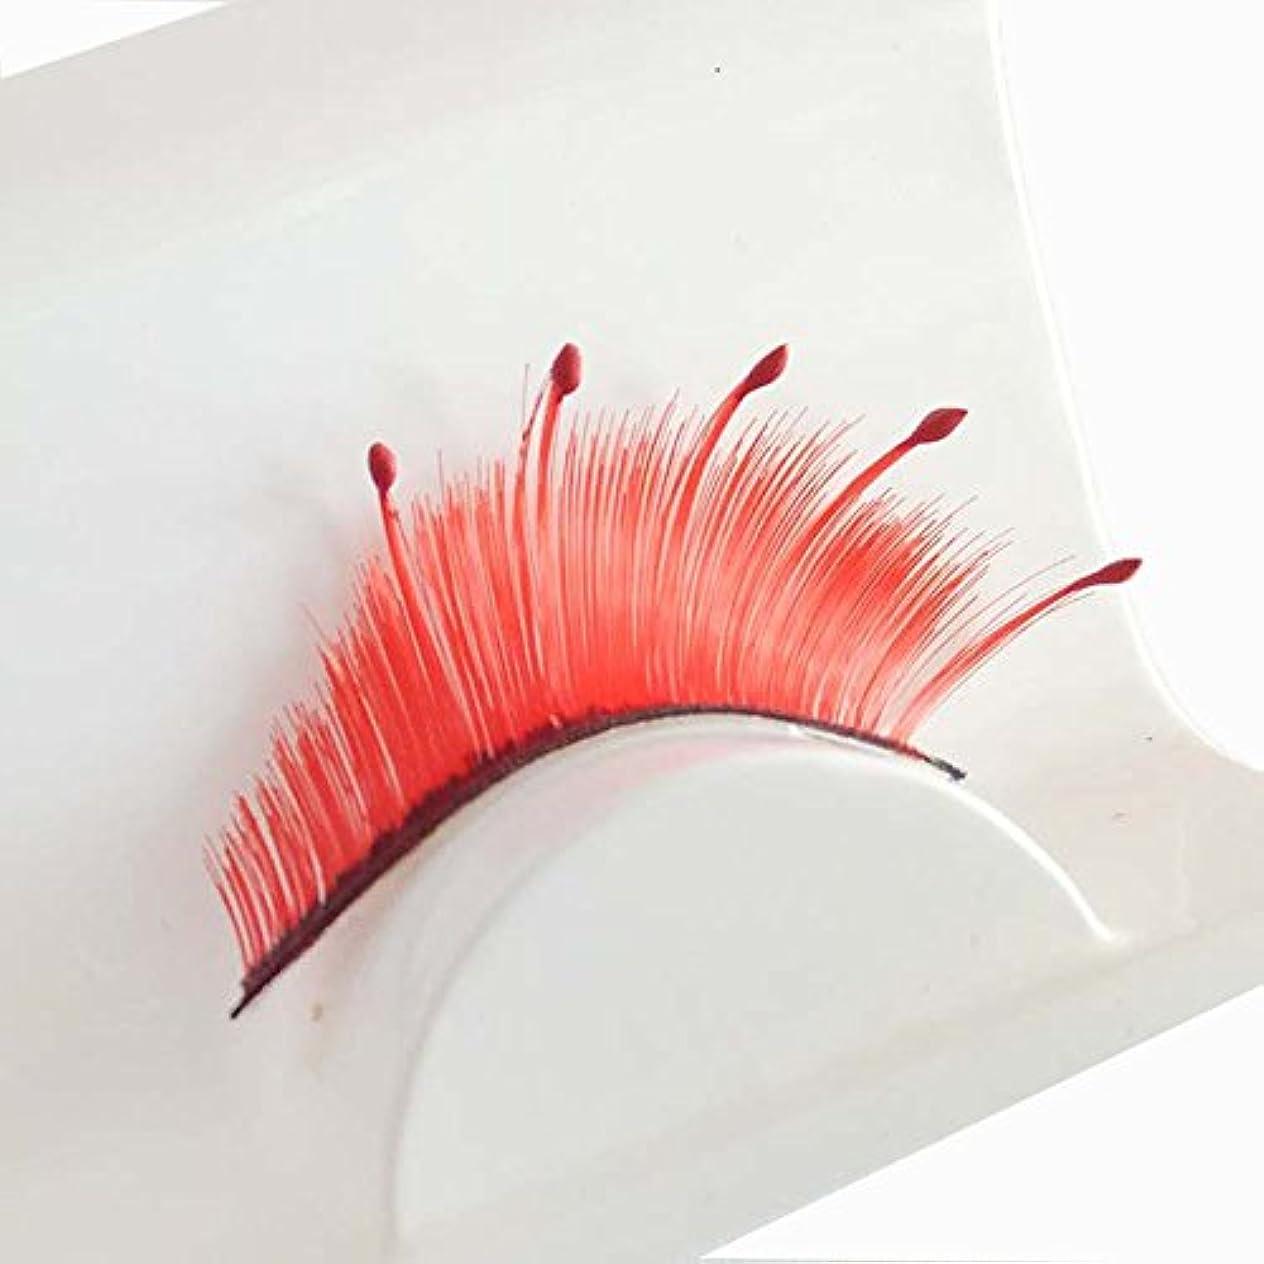 突然プライバシー寄稿者組の女性のハロウィーンパーティー党メイクアップアート赤い波つけまつげ